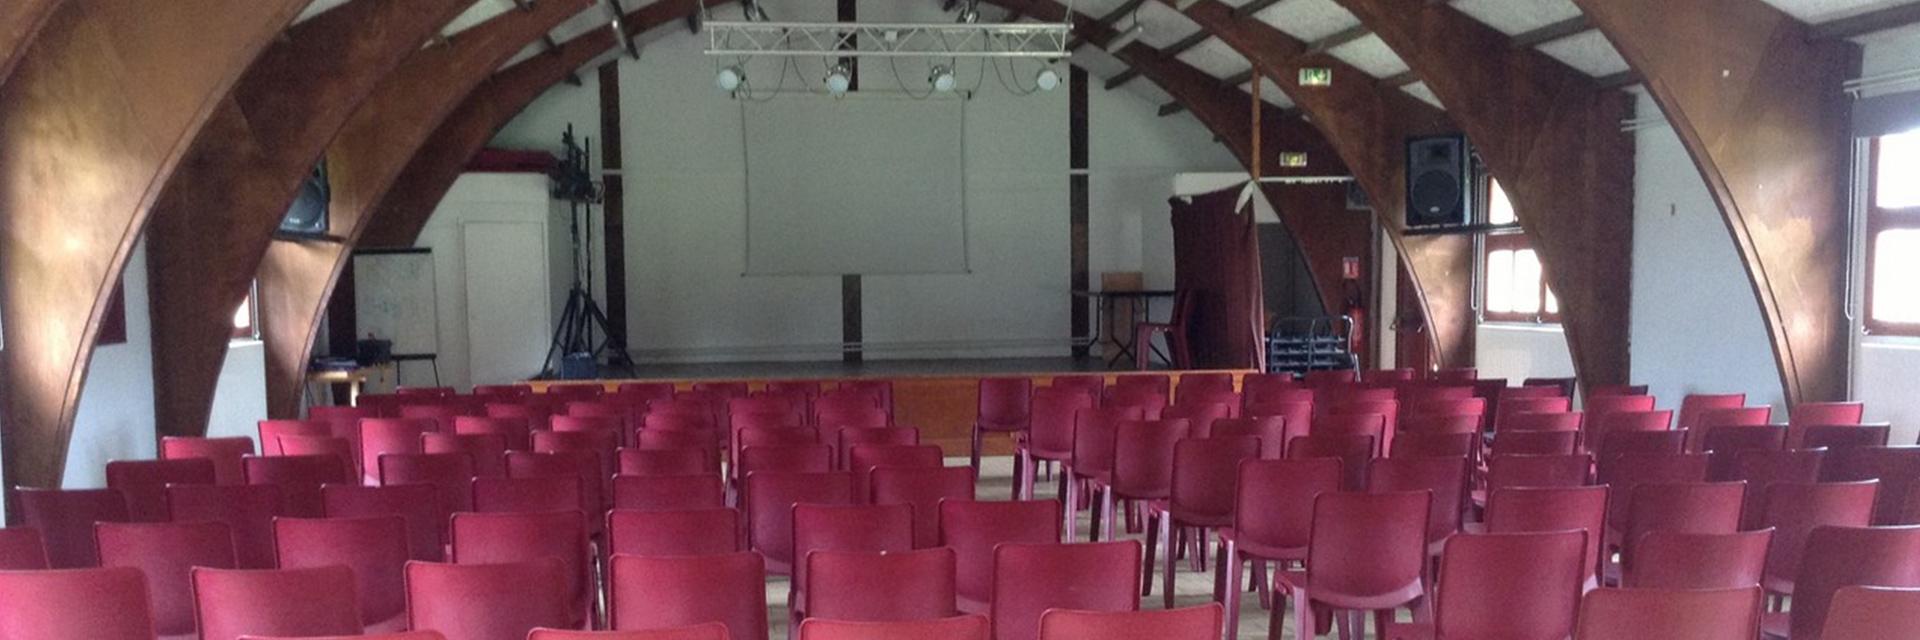 village-vacances-chateau-de-moulerens-salle-spectacle